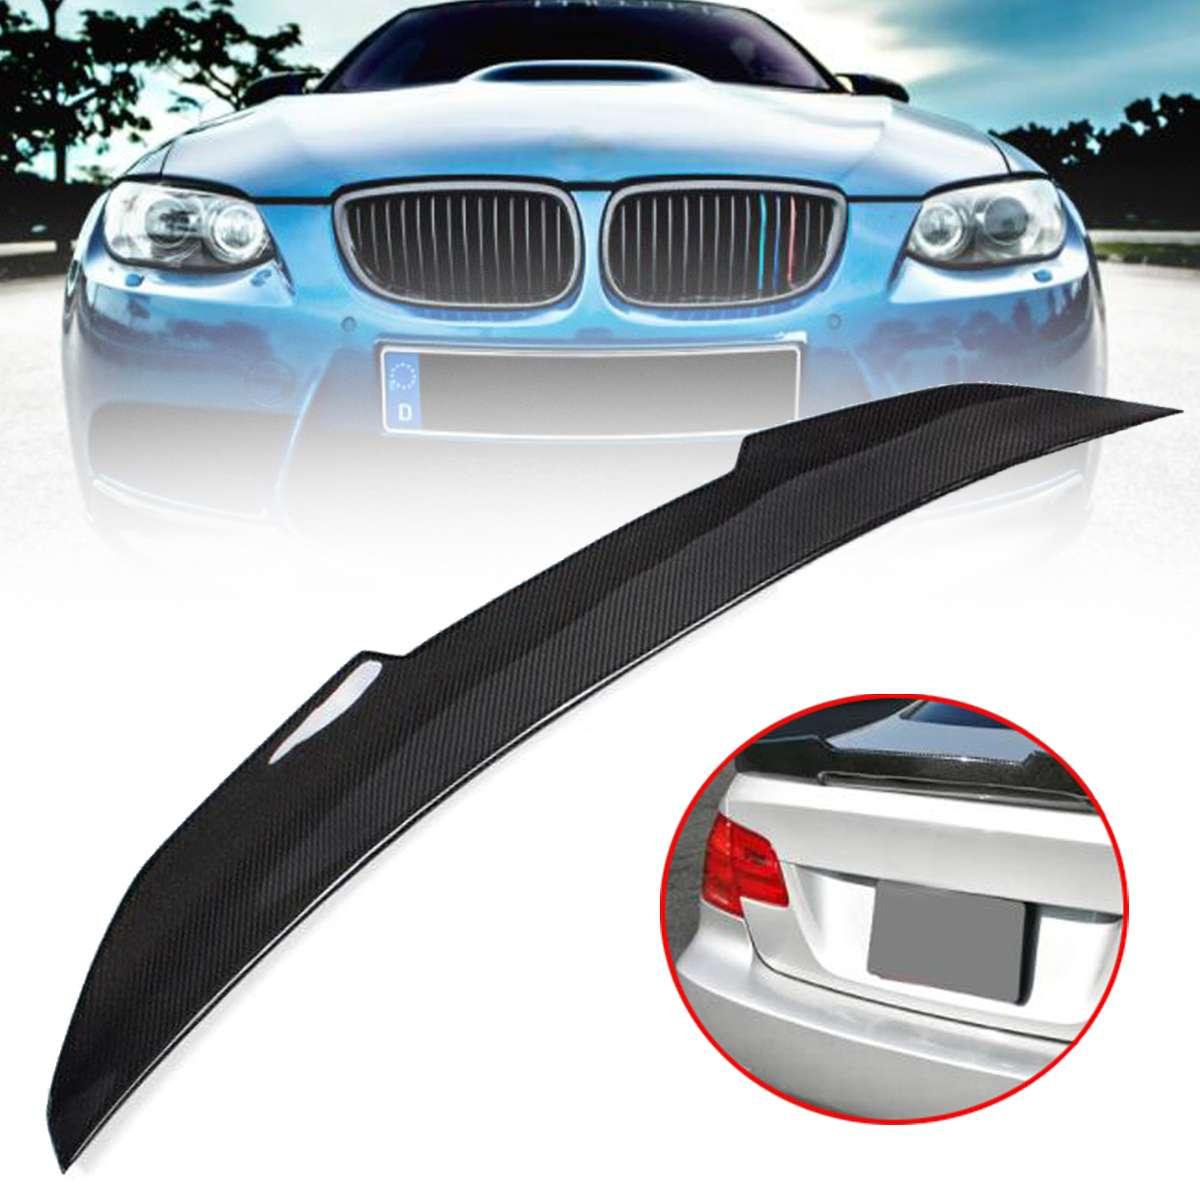 Alta calidad fibra de carbono Real alerón ala PSM estilo Highkick para 07-12 para BMW E92 335i 328i acoplador de 2 puertas de 3 SERIES